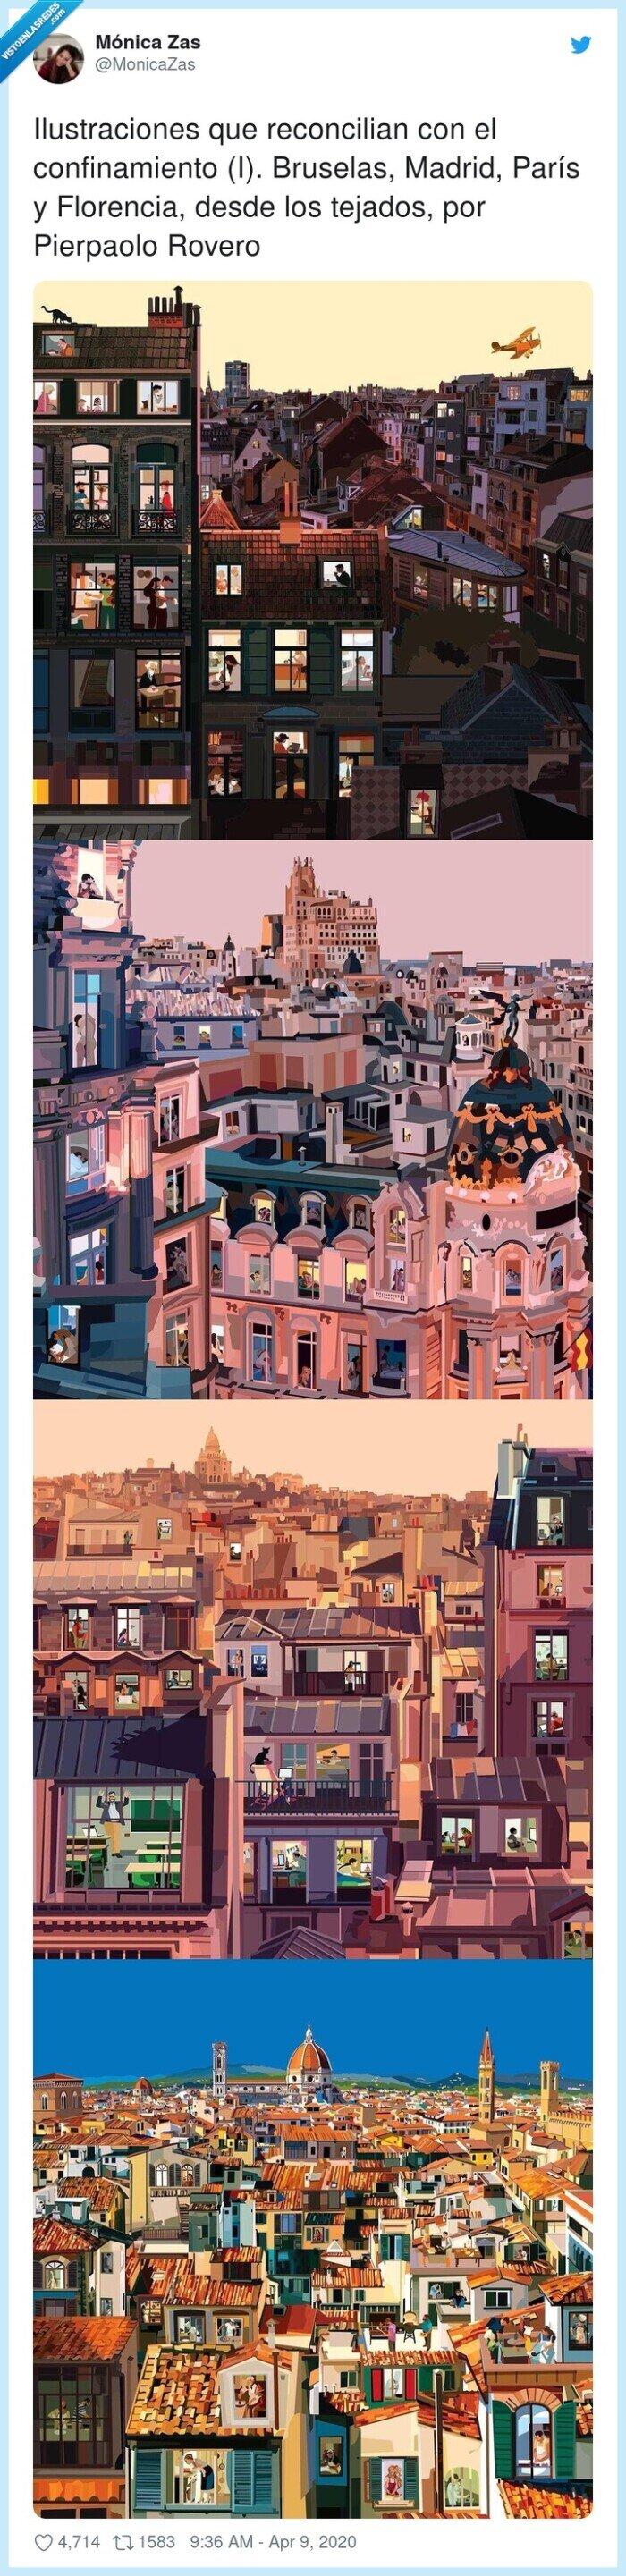 bruselas,confinamiento,florencia,ilustraciones,pierpaolo,reconcilian